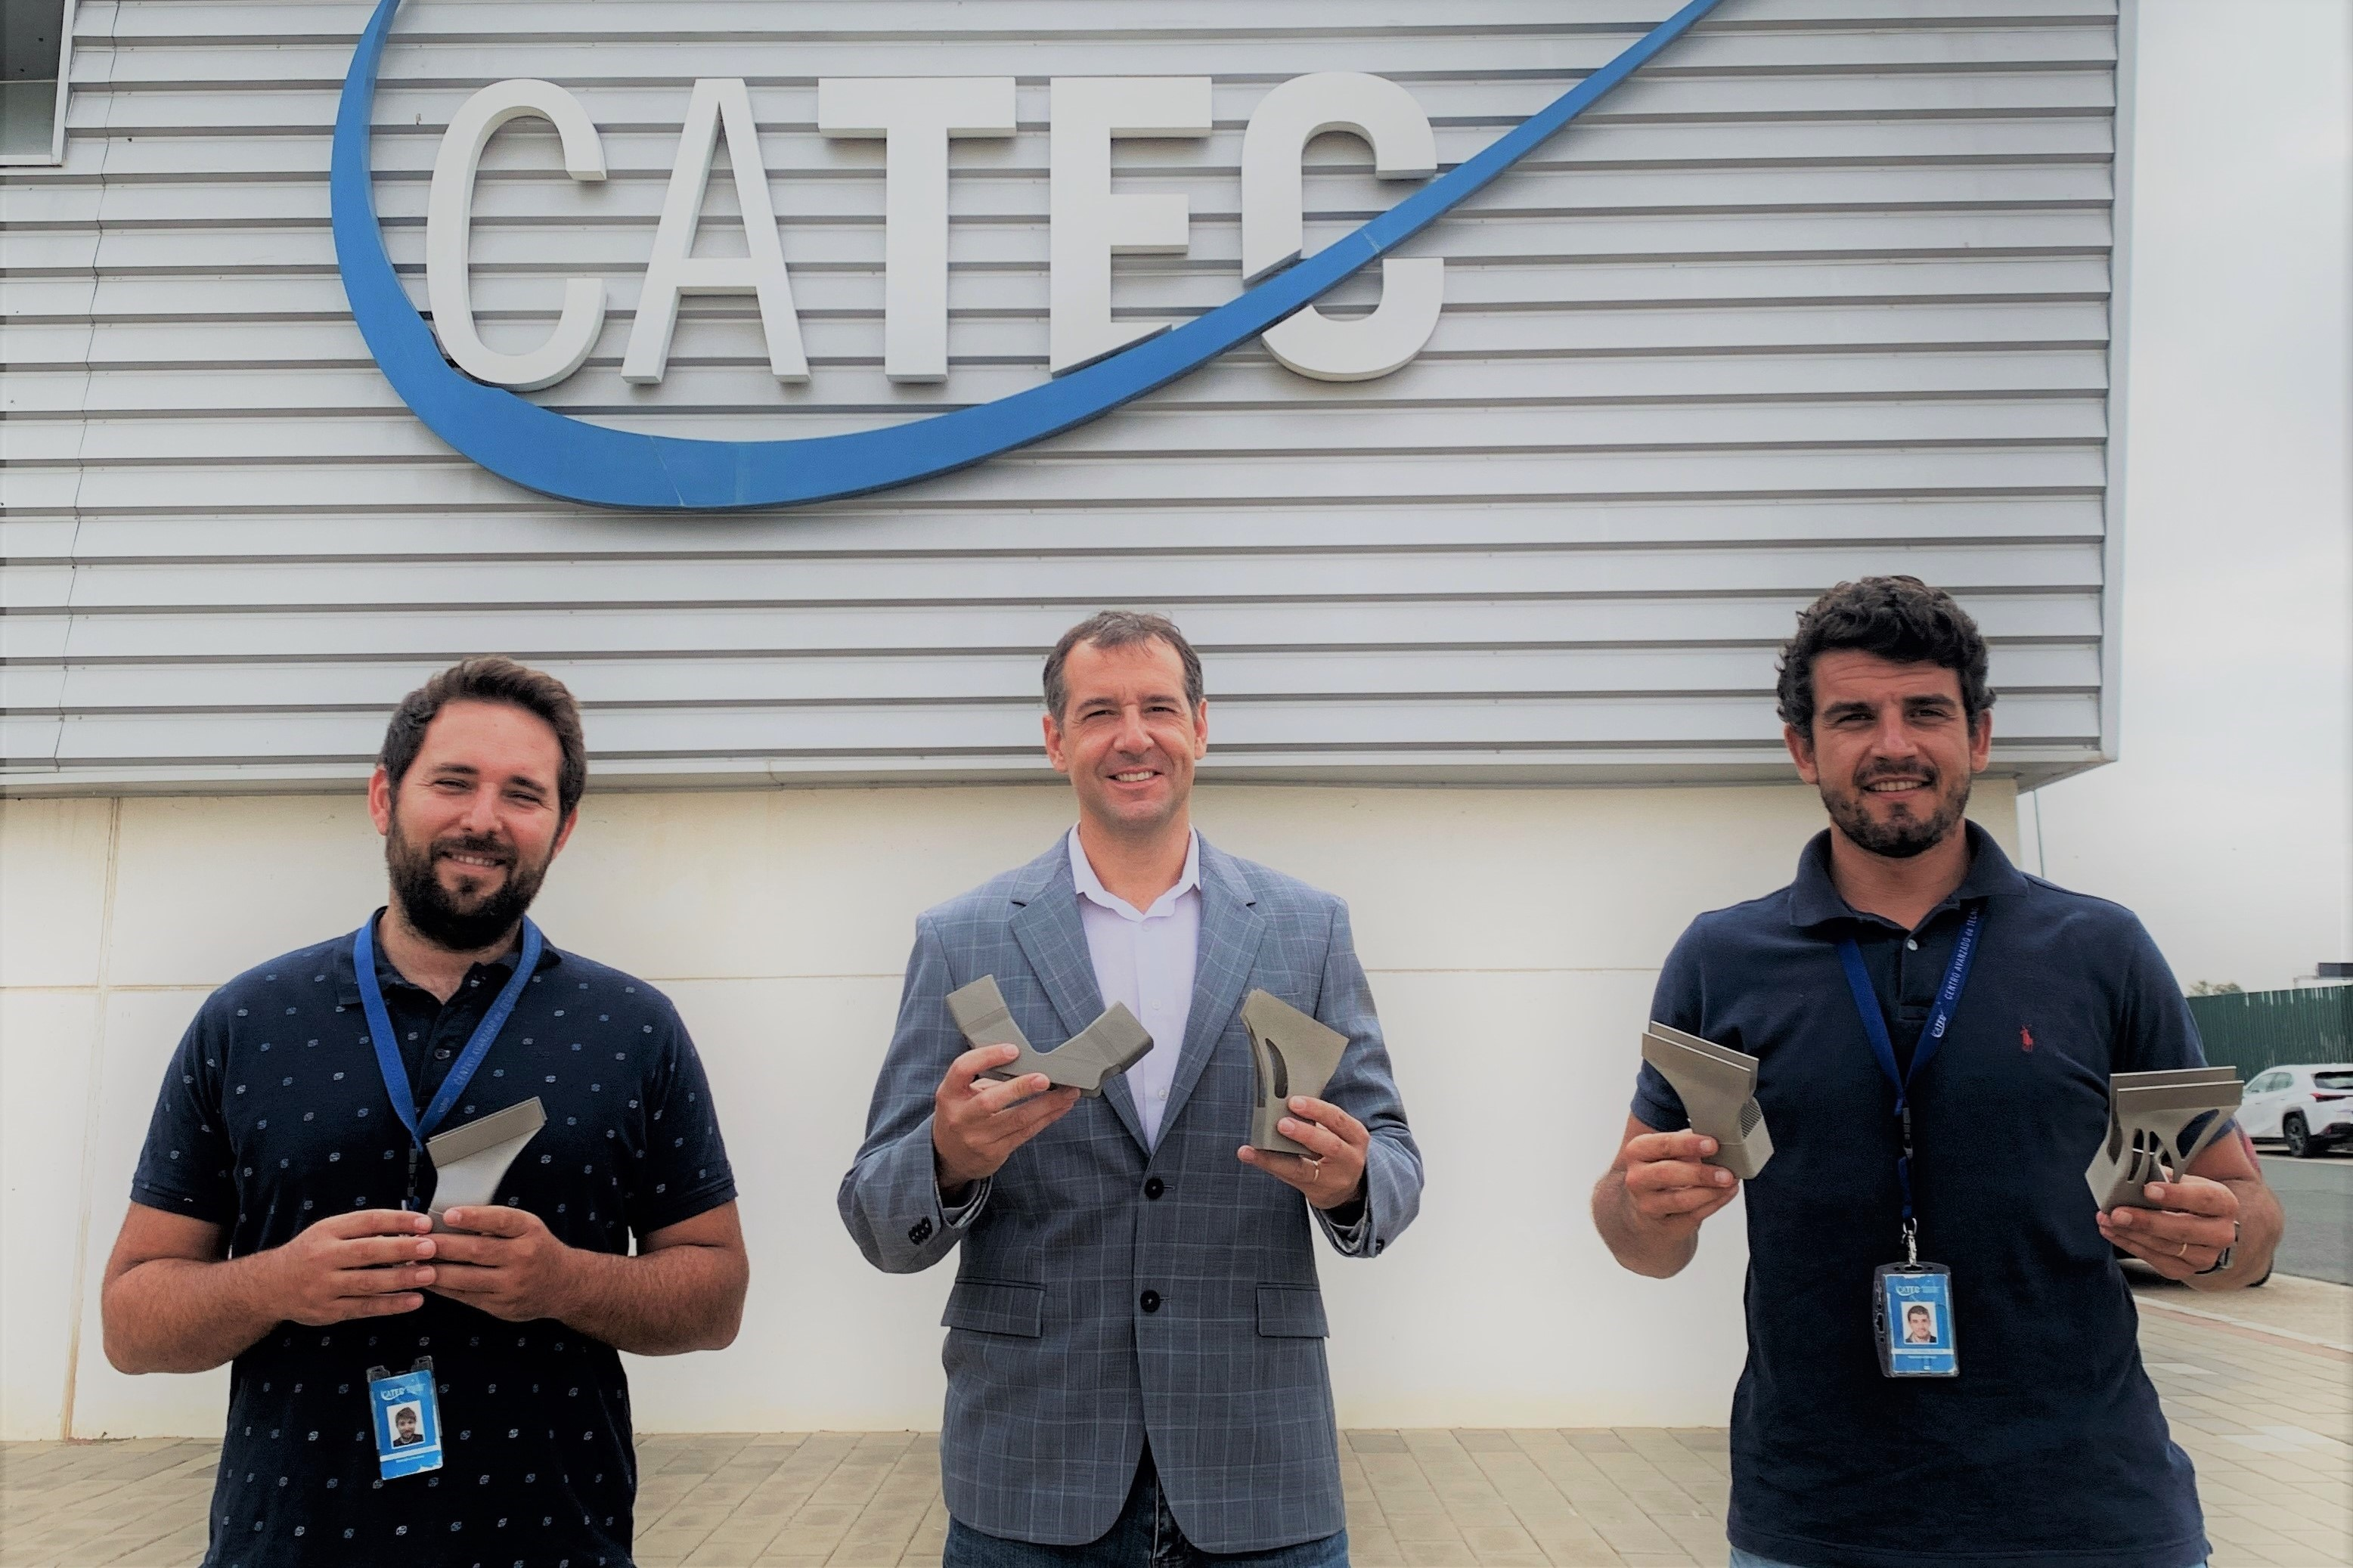 Piezas diseñadas y fabricadas por CATEC en impresión 3D viajarán al espacio en el satélite EUTELSAT QUANTUM de Airbus, preparado ya para su lanzamiento